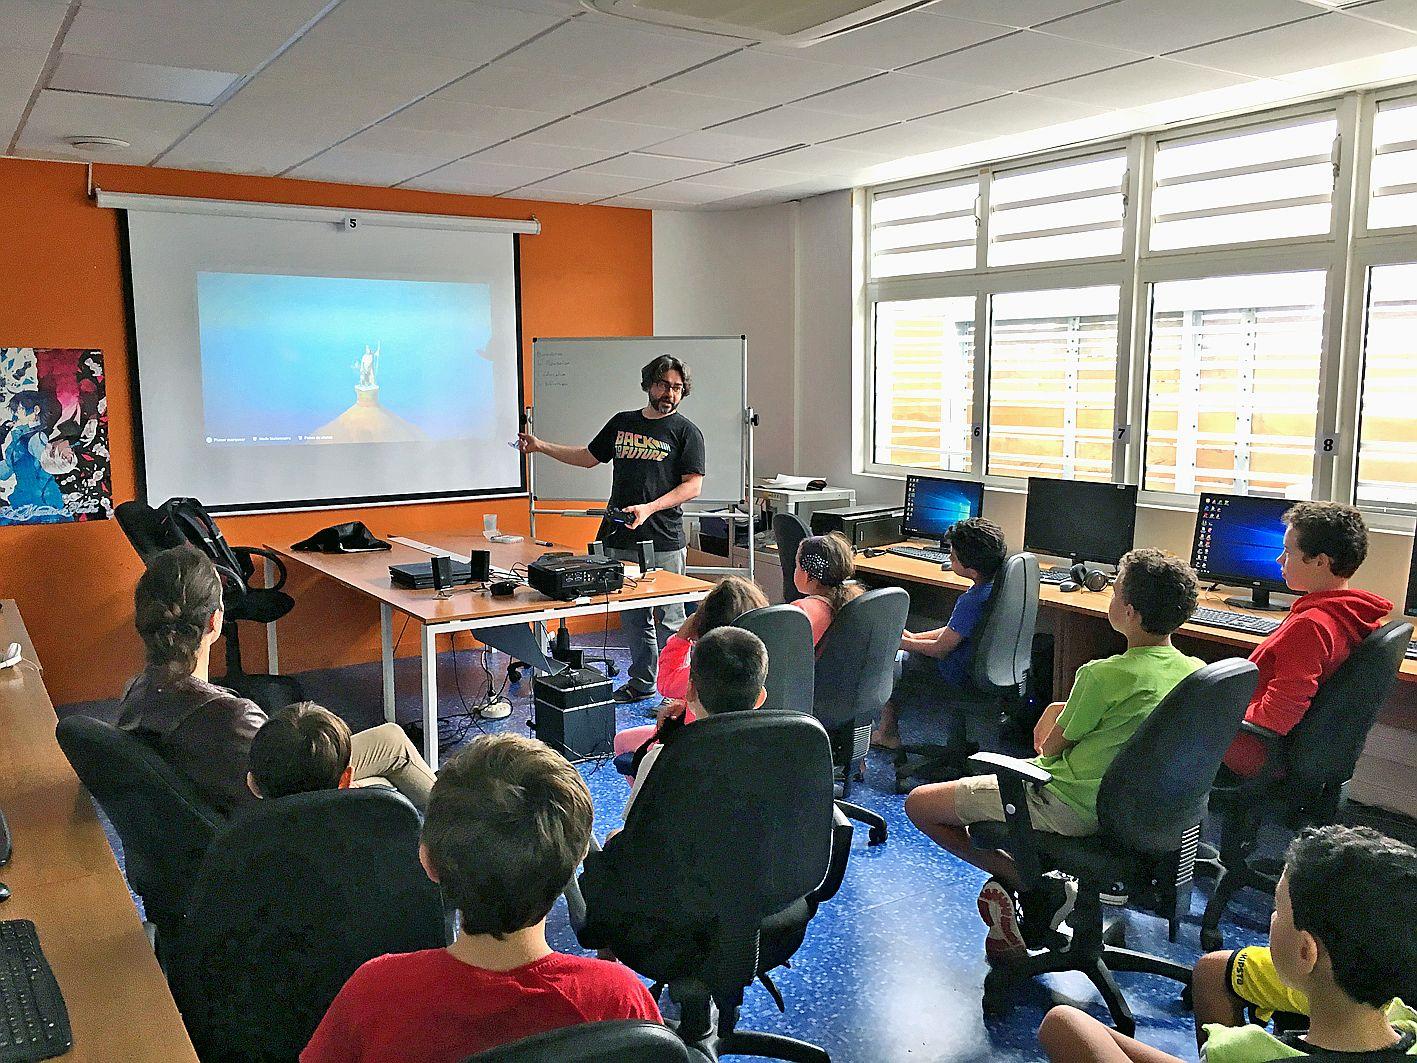 Ce cours d'histoire pas comme les autres avait toute leur attention. Les enfants inscrits, hier, à l'atelier La bibliothèque d'Alexandrie ont pu découvrir l'univers égyptien à partir du mode spécial du jeu Assassin\'s Creed Origins. Croisant l'histoire du